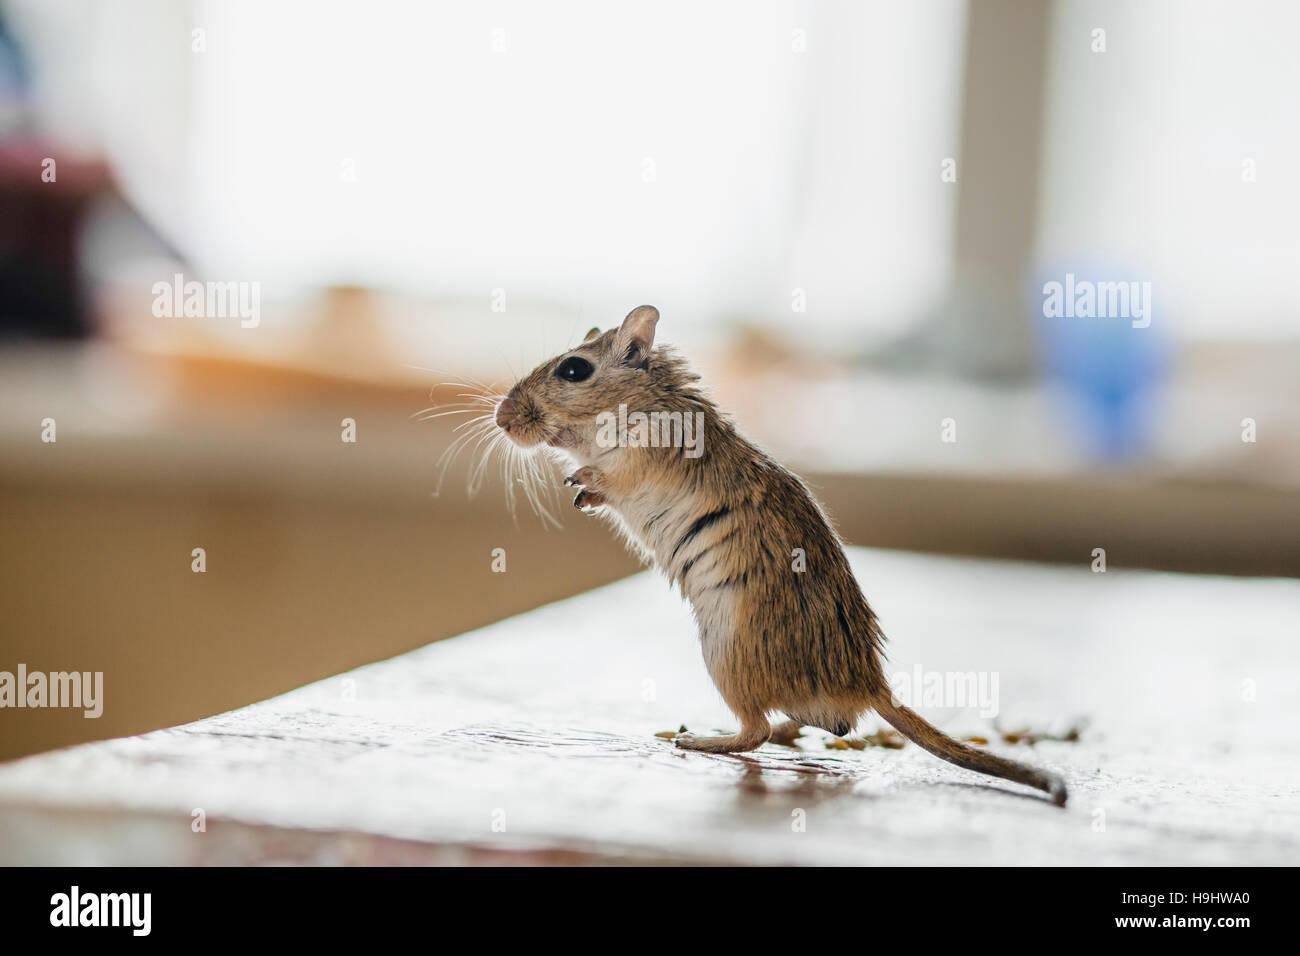 Wüstenrennmaus Maus stehend auf dem Küchentisch Stockbild